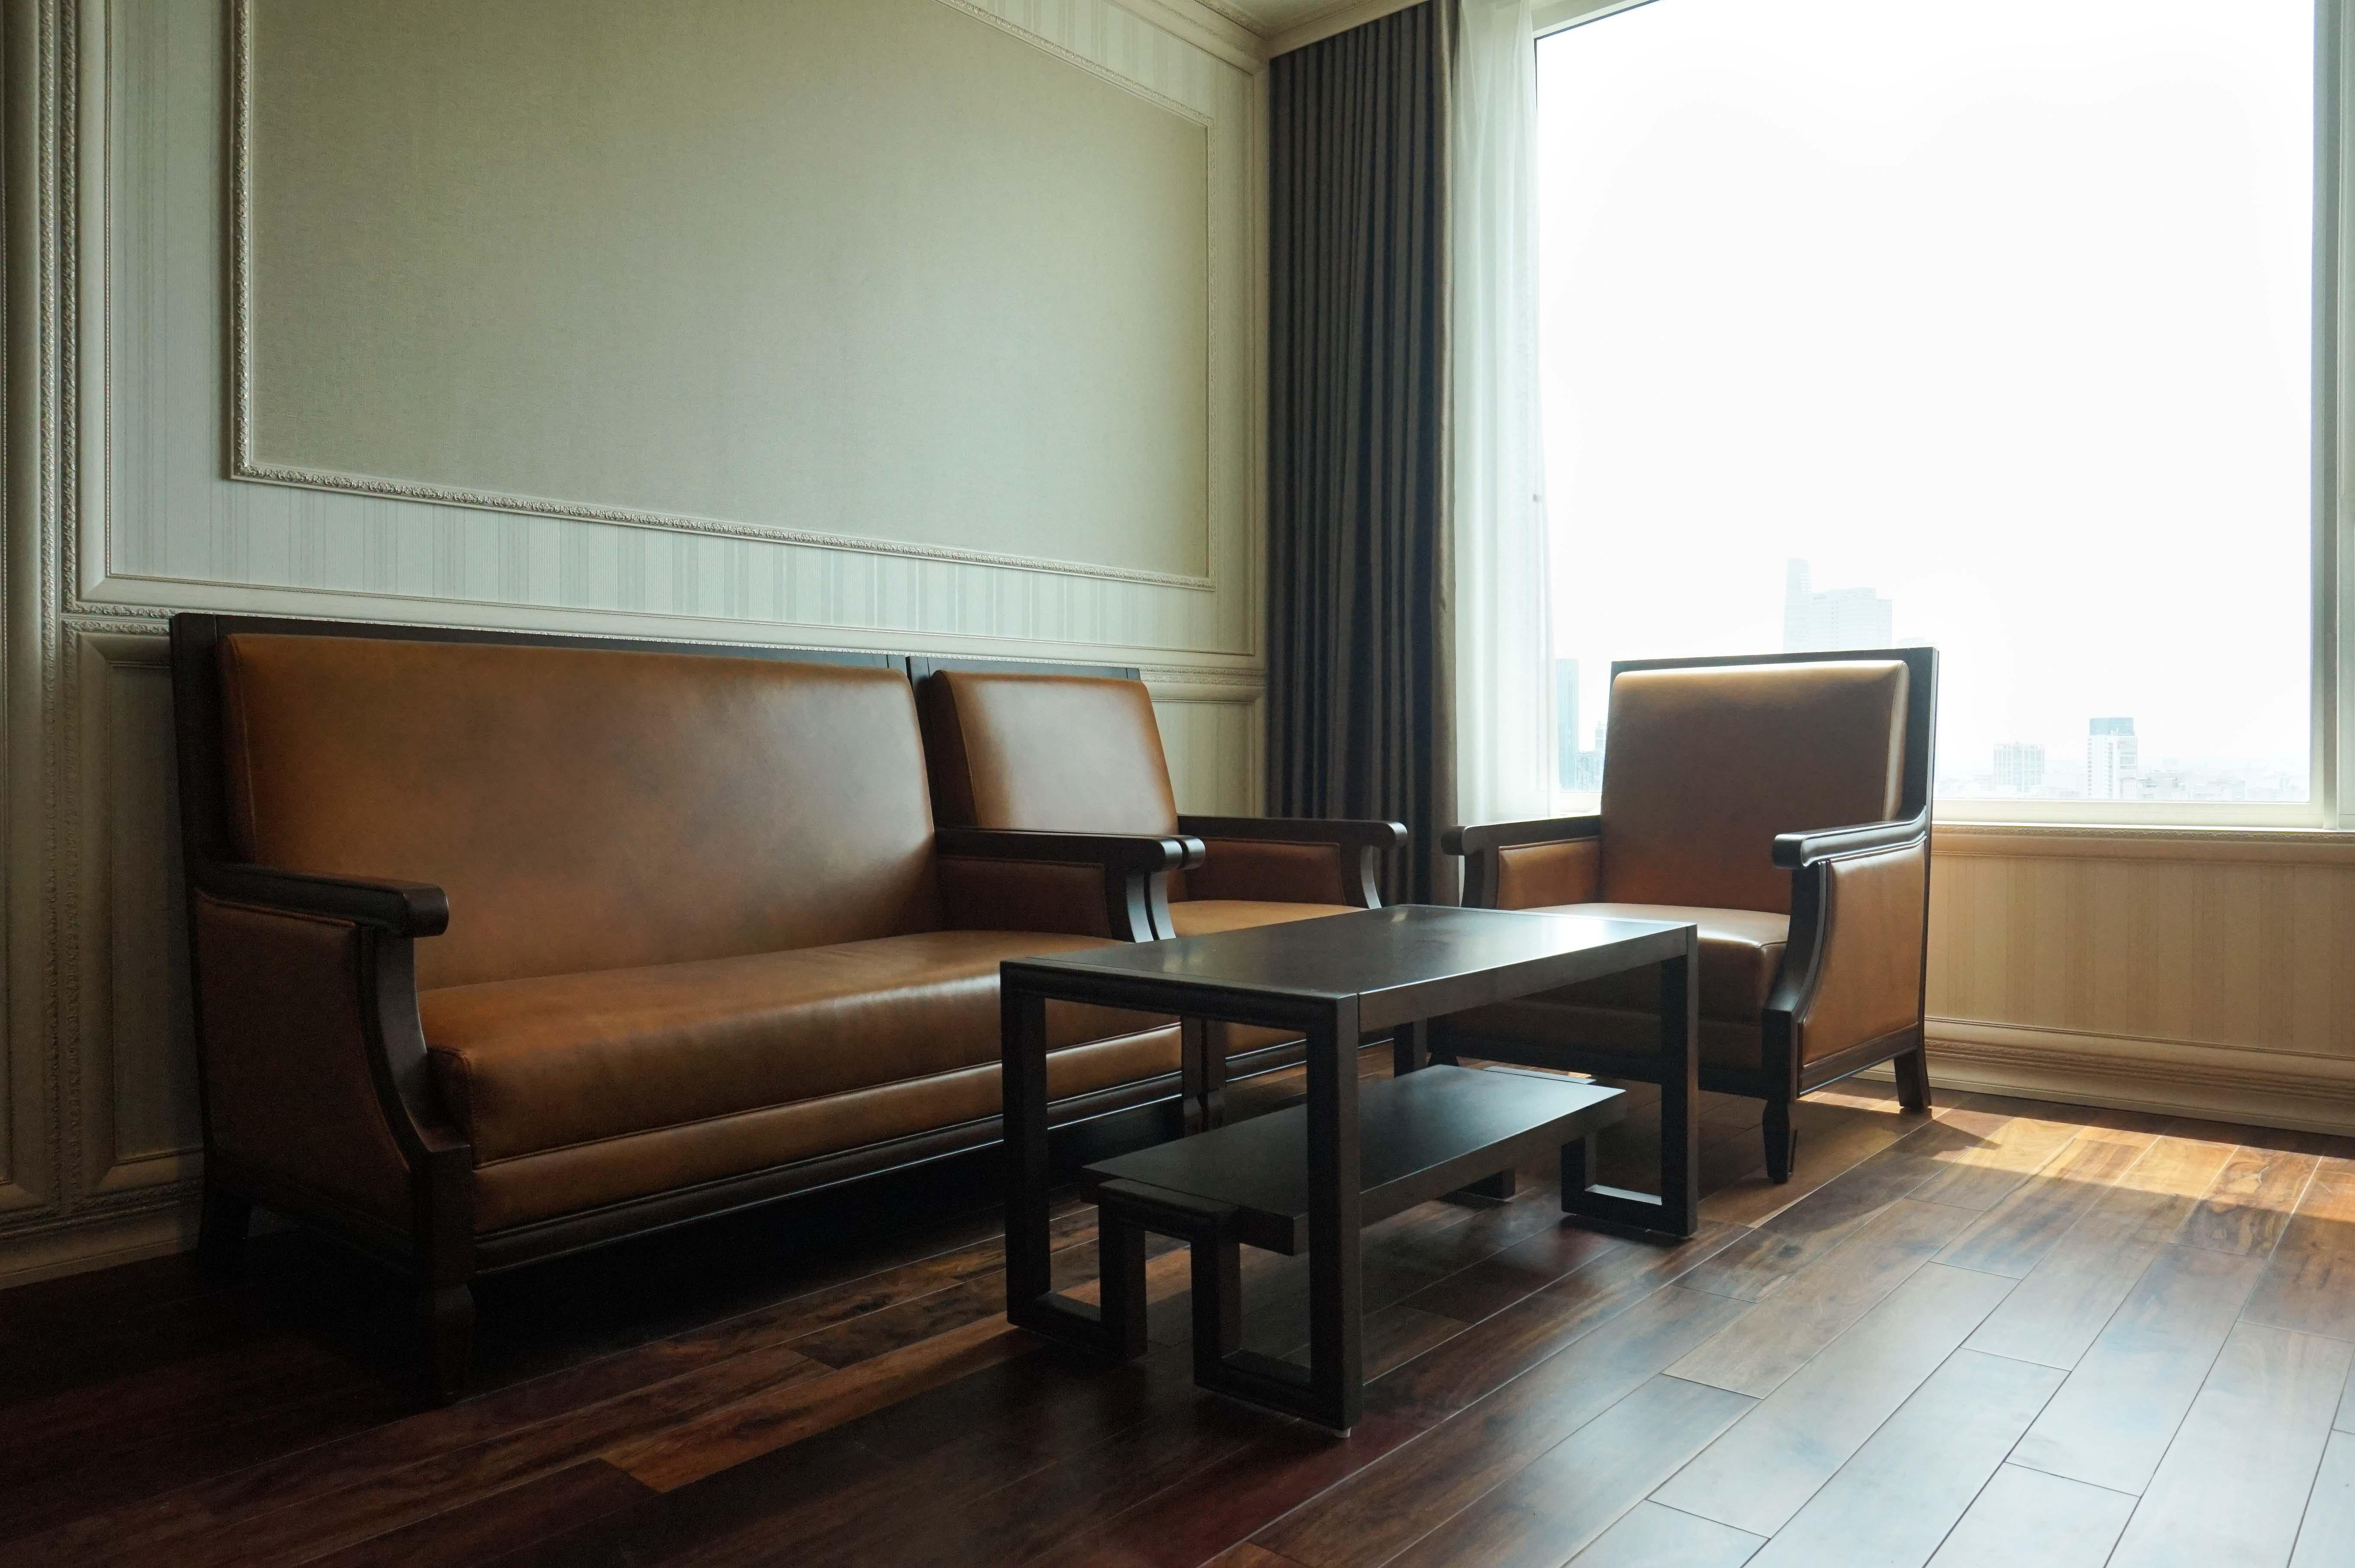 Căn hộ 2 PN Léman Luxury - Đầy Đủ Nội Thất - Căn Hộ Ấm Cúng Và Tinh Tế-3